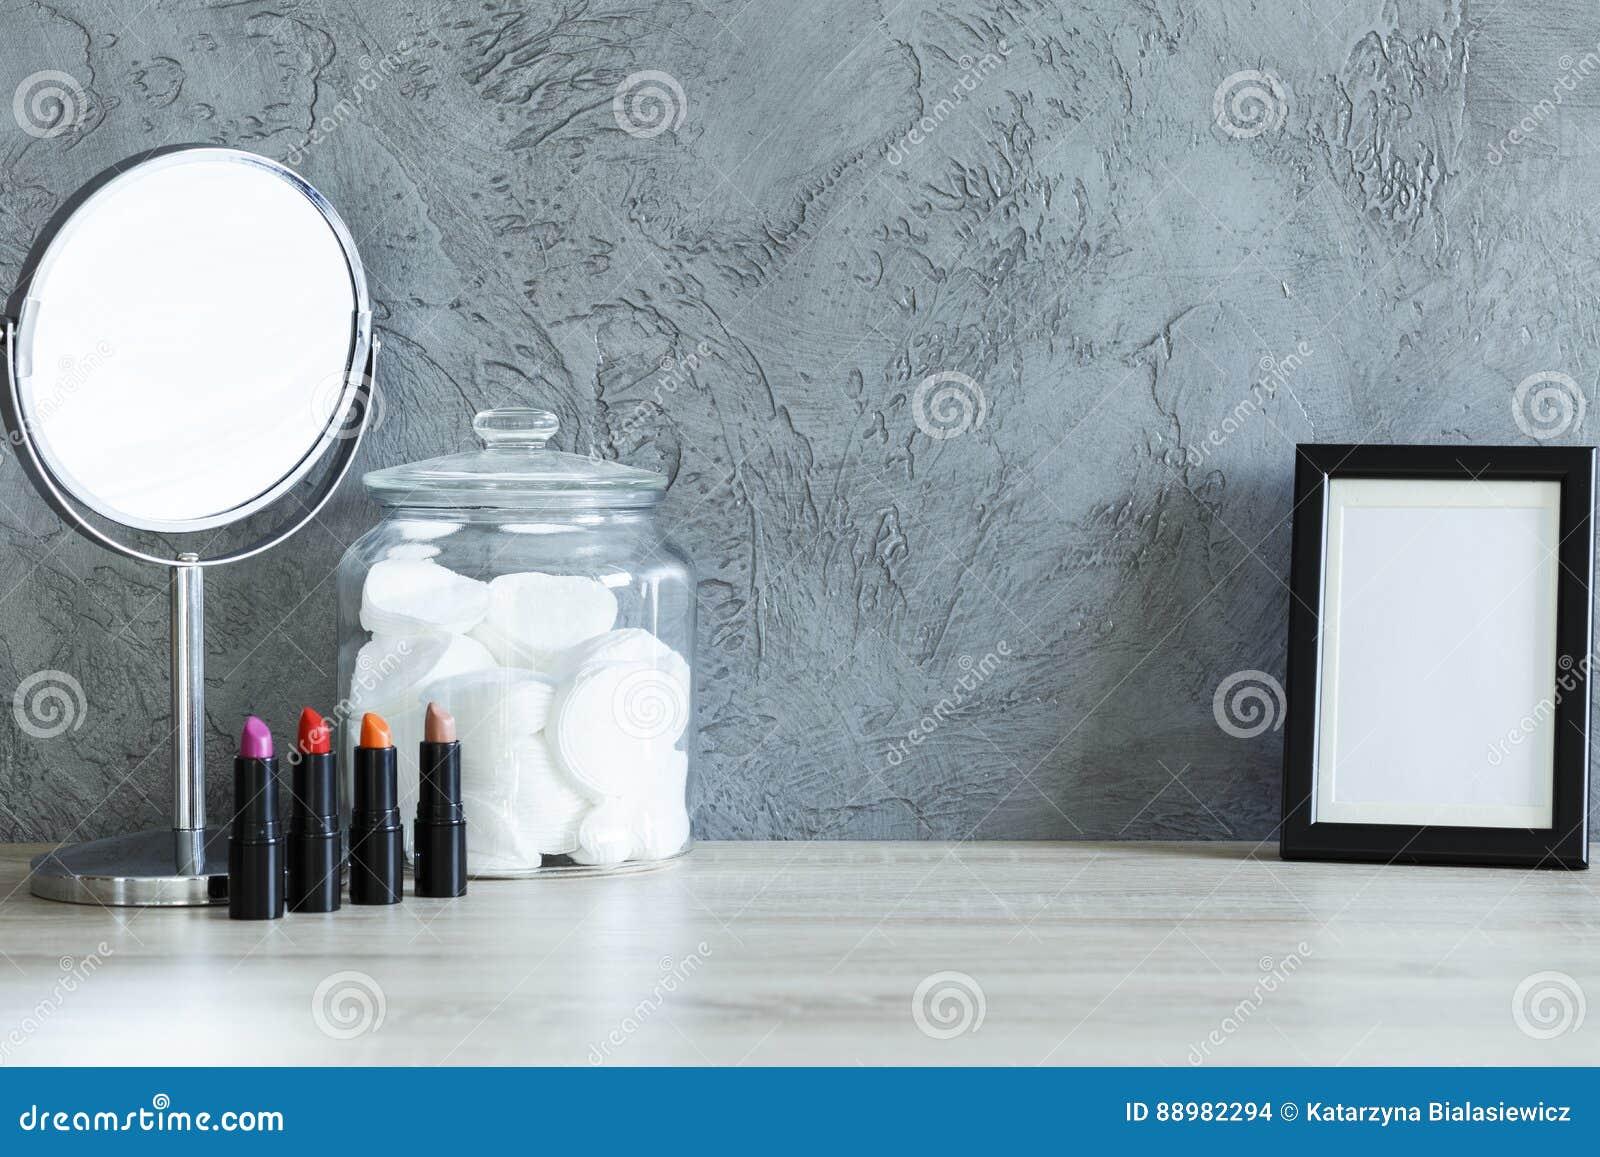 Rouges à lèvres miroir protections de coton et cadre de maquette